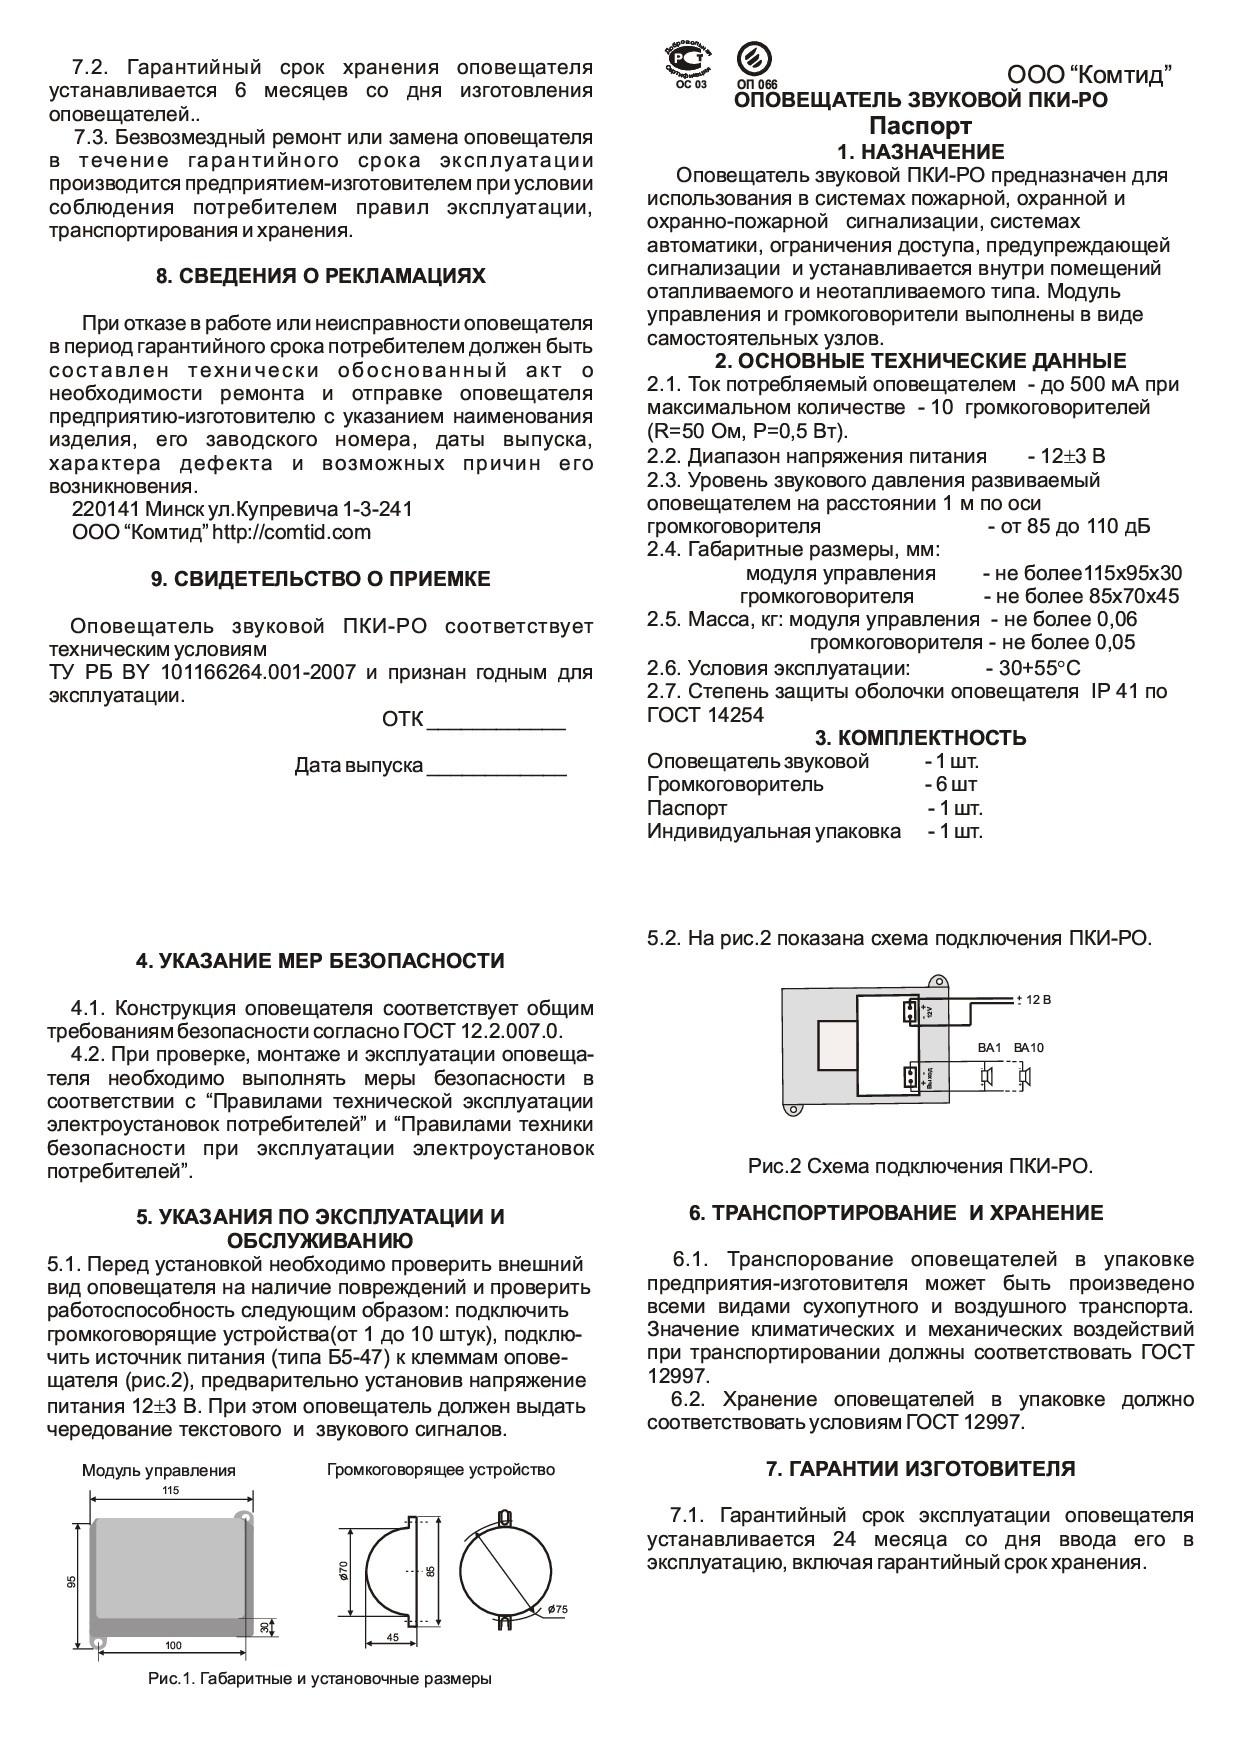 Старый паспорт_ПКИ- РО